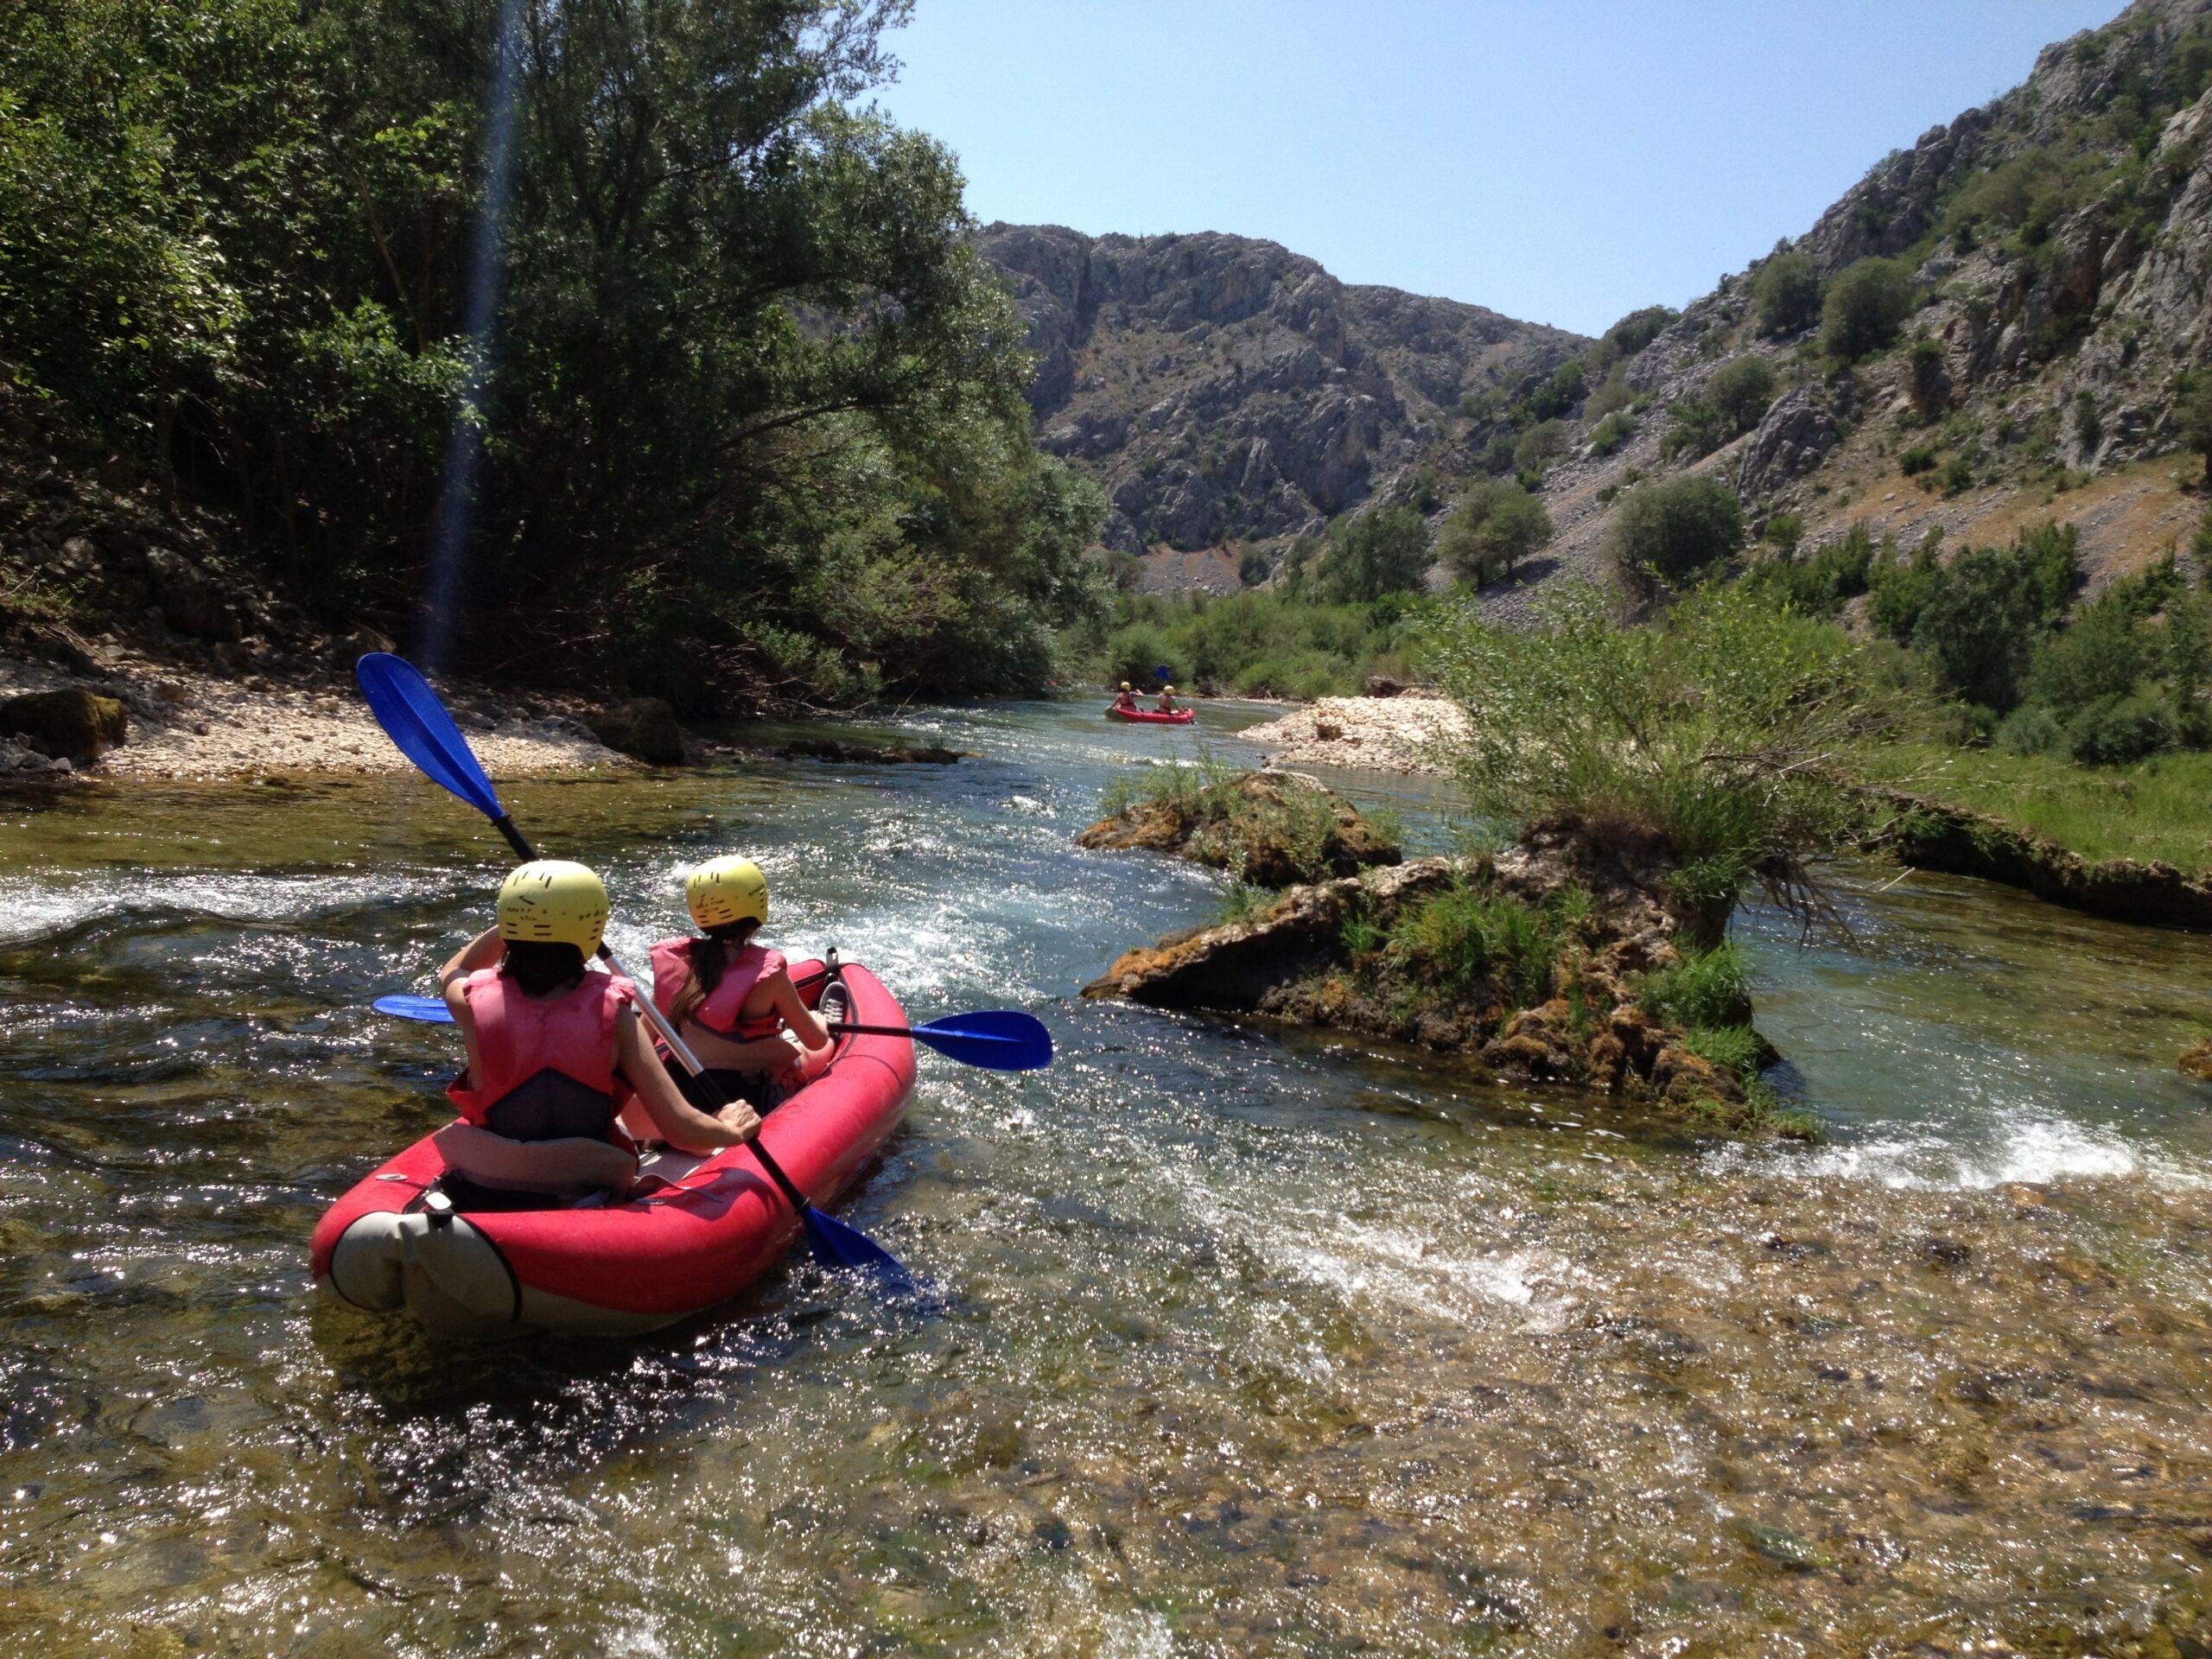 Beim Wildwasser-Rafting geht es durch das Gebirge.